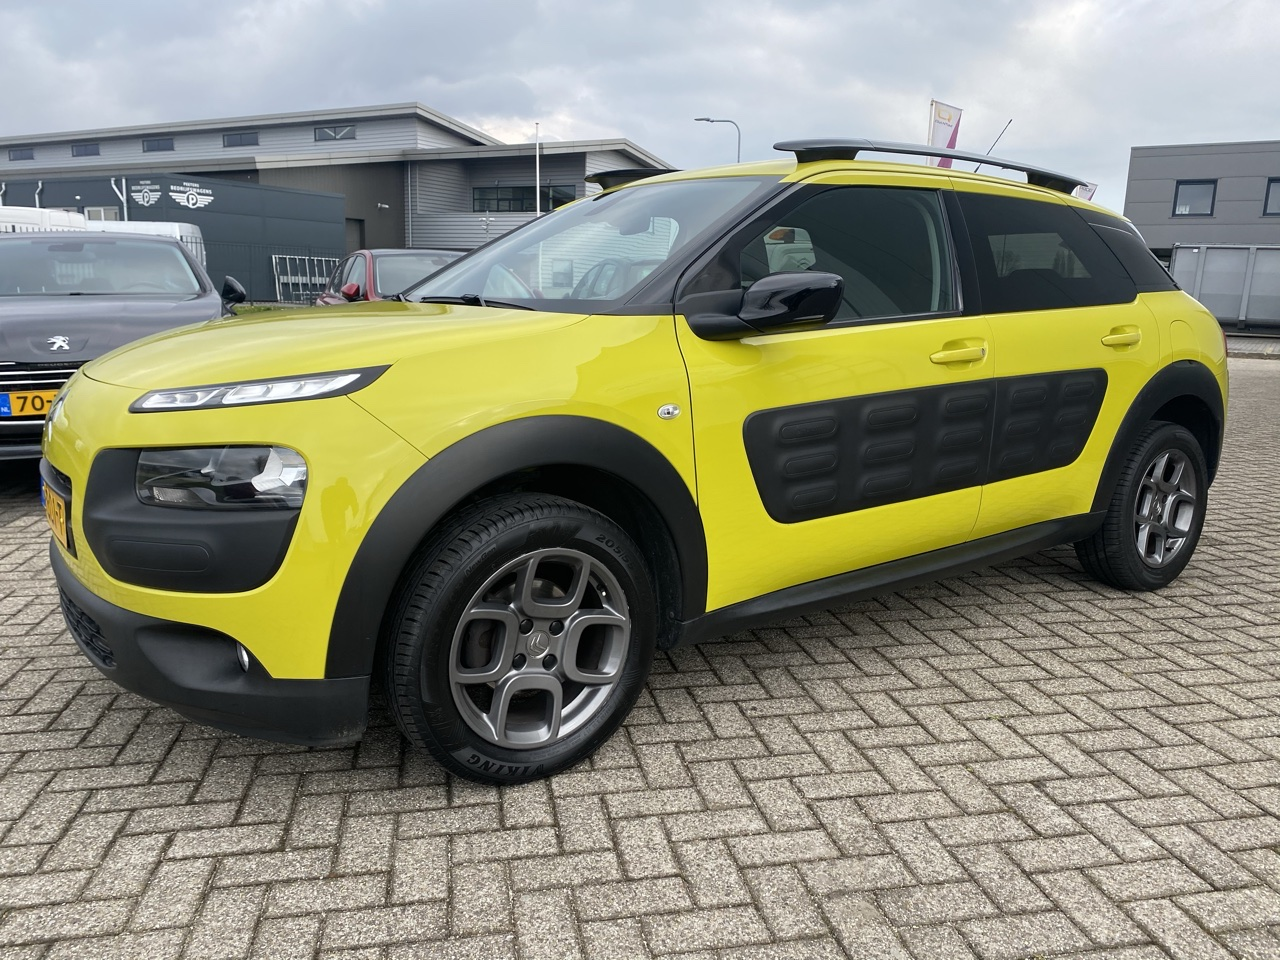 Citroën C4 cactus Automaat shine rijklaar prijs